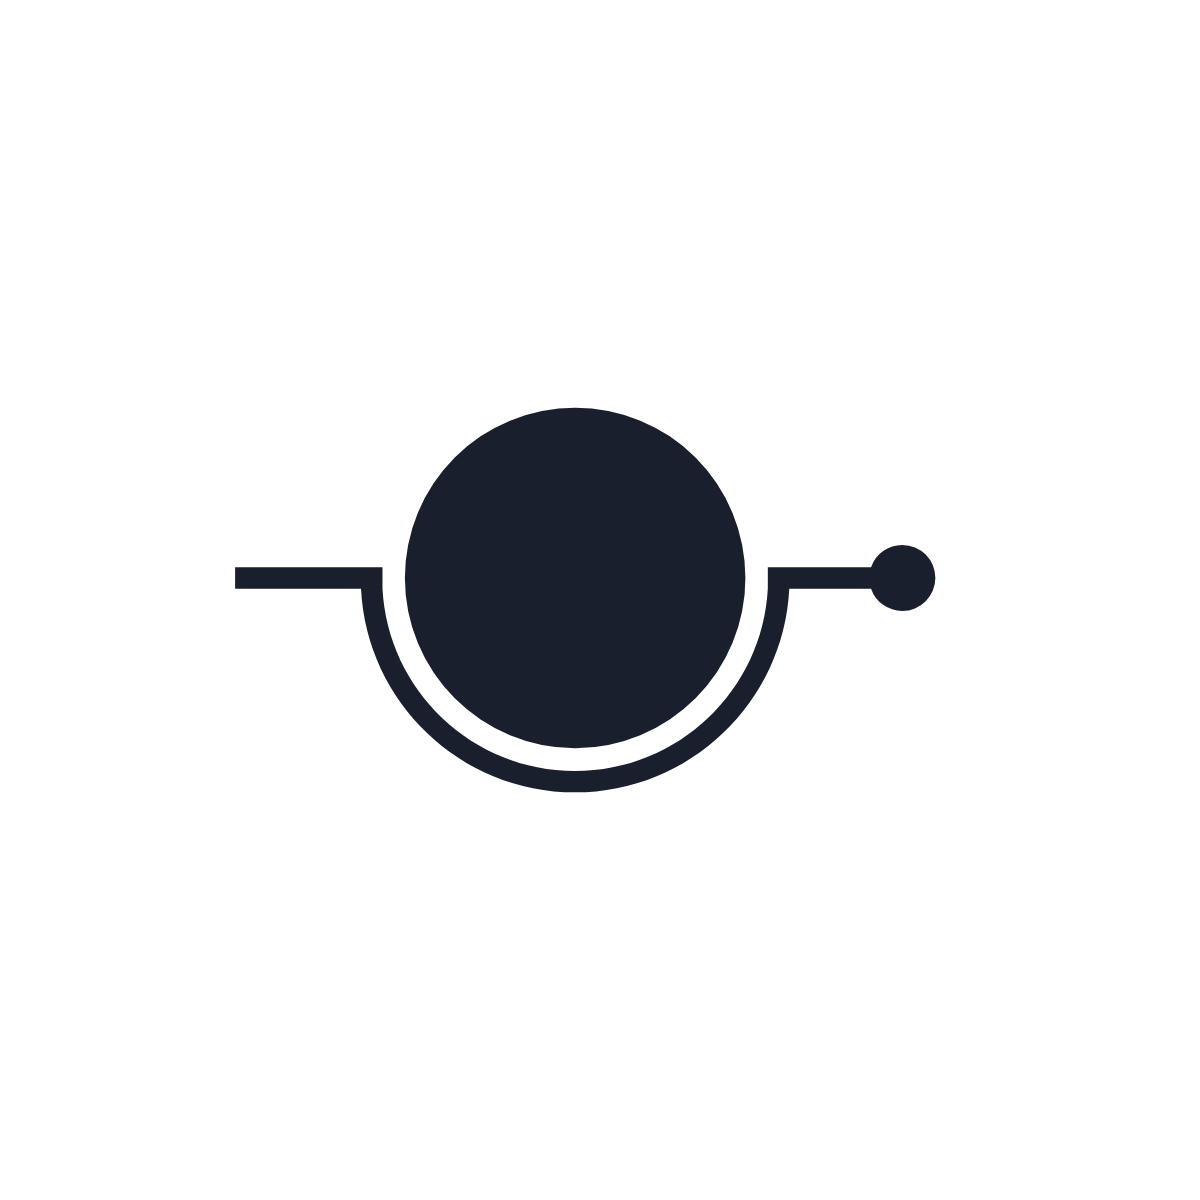 noun_around circle full_538760 (7).png